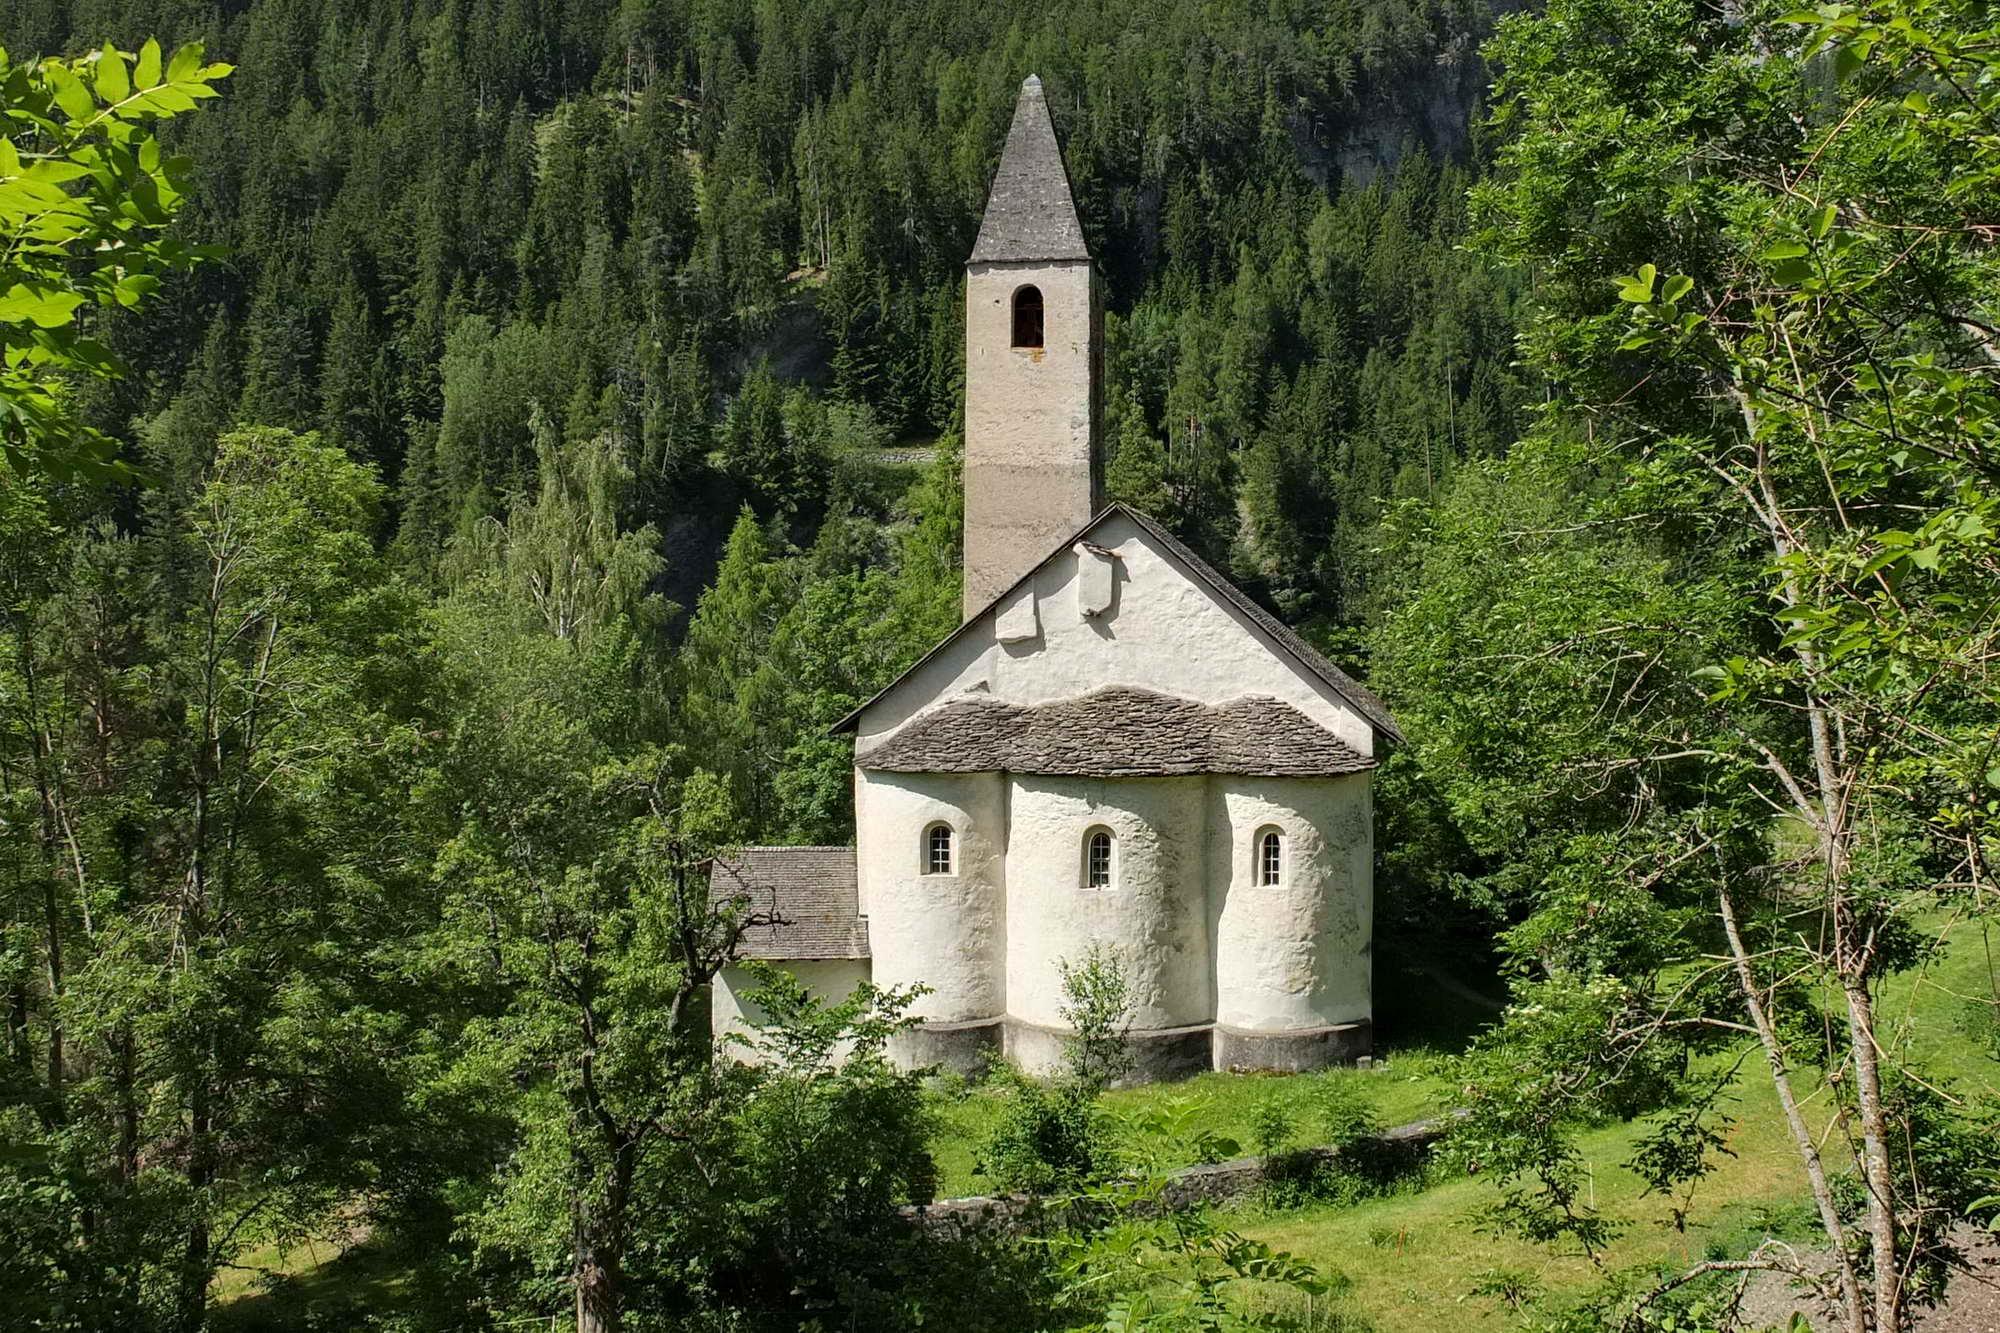 MT 6.2 (Filisur >) Tiefencastel > Obermutten (Graubünden)